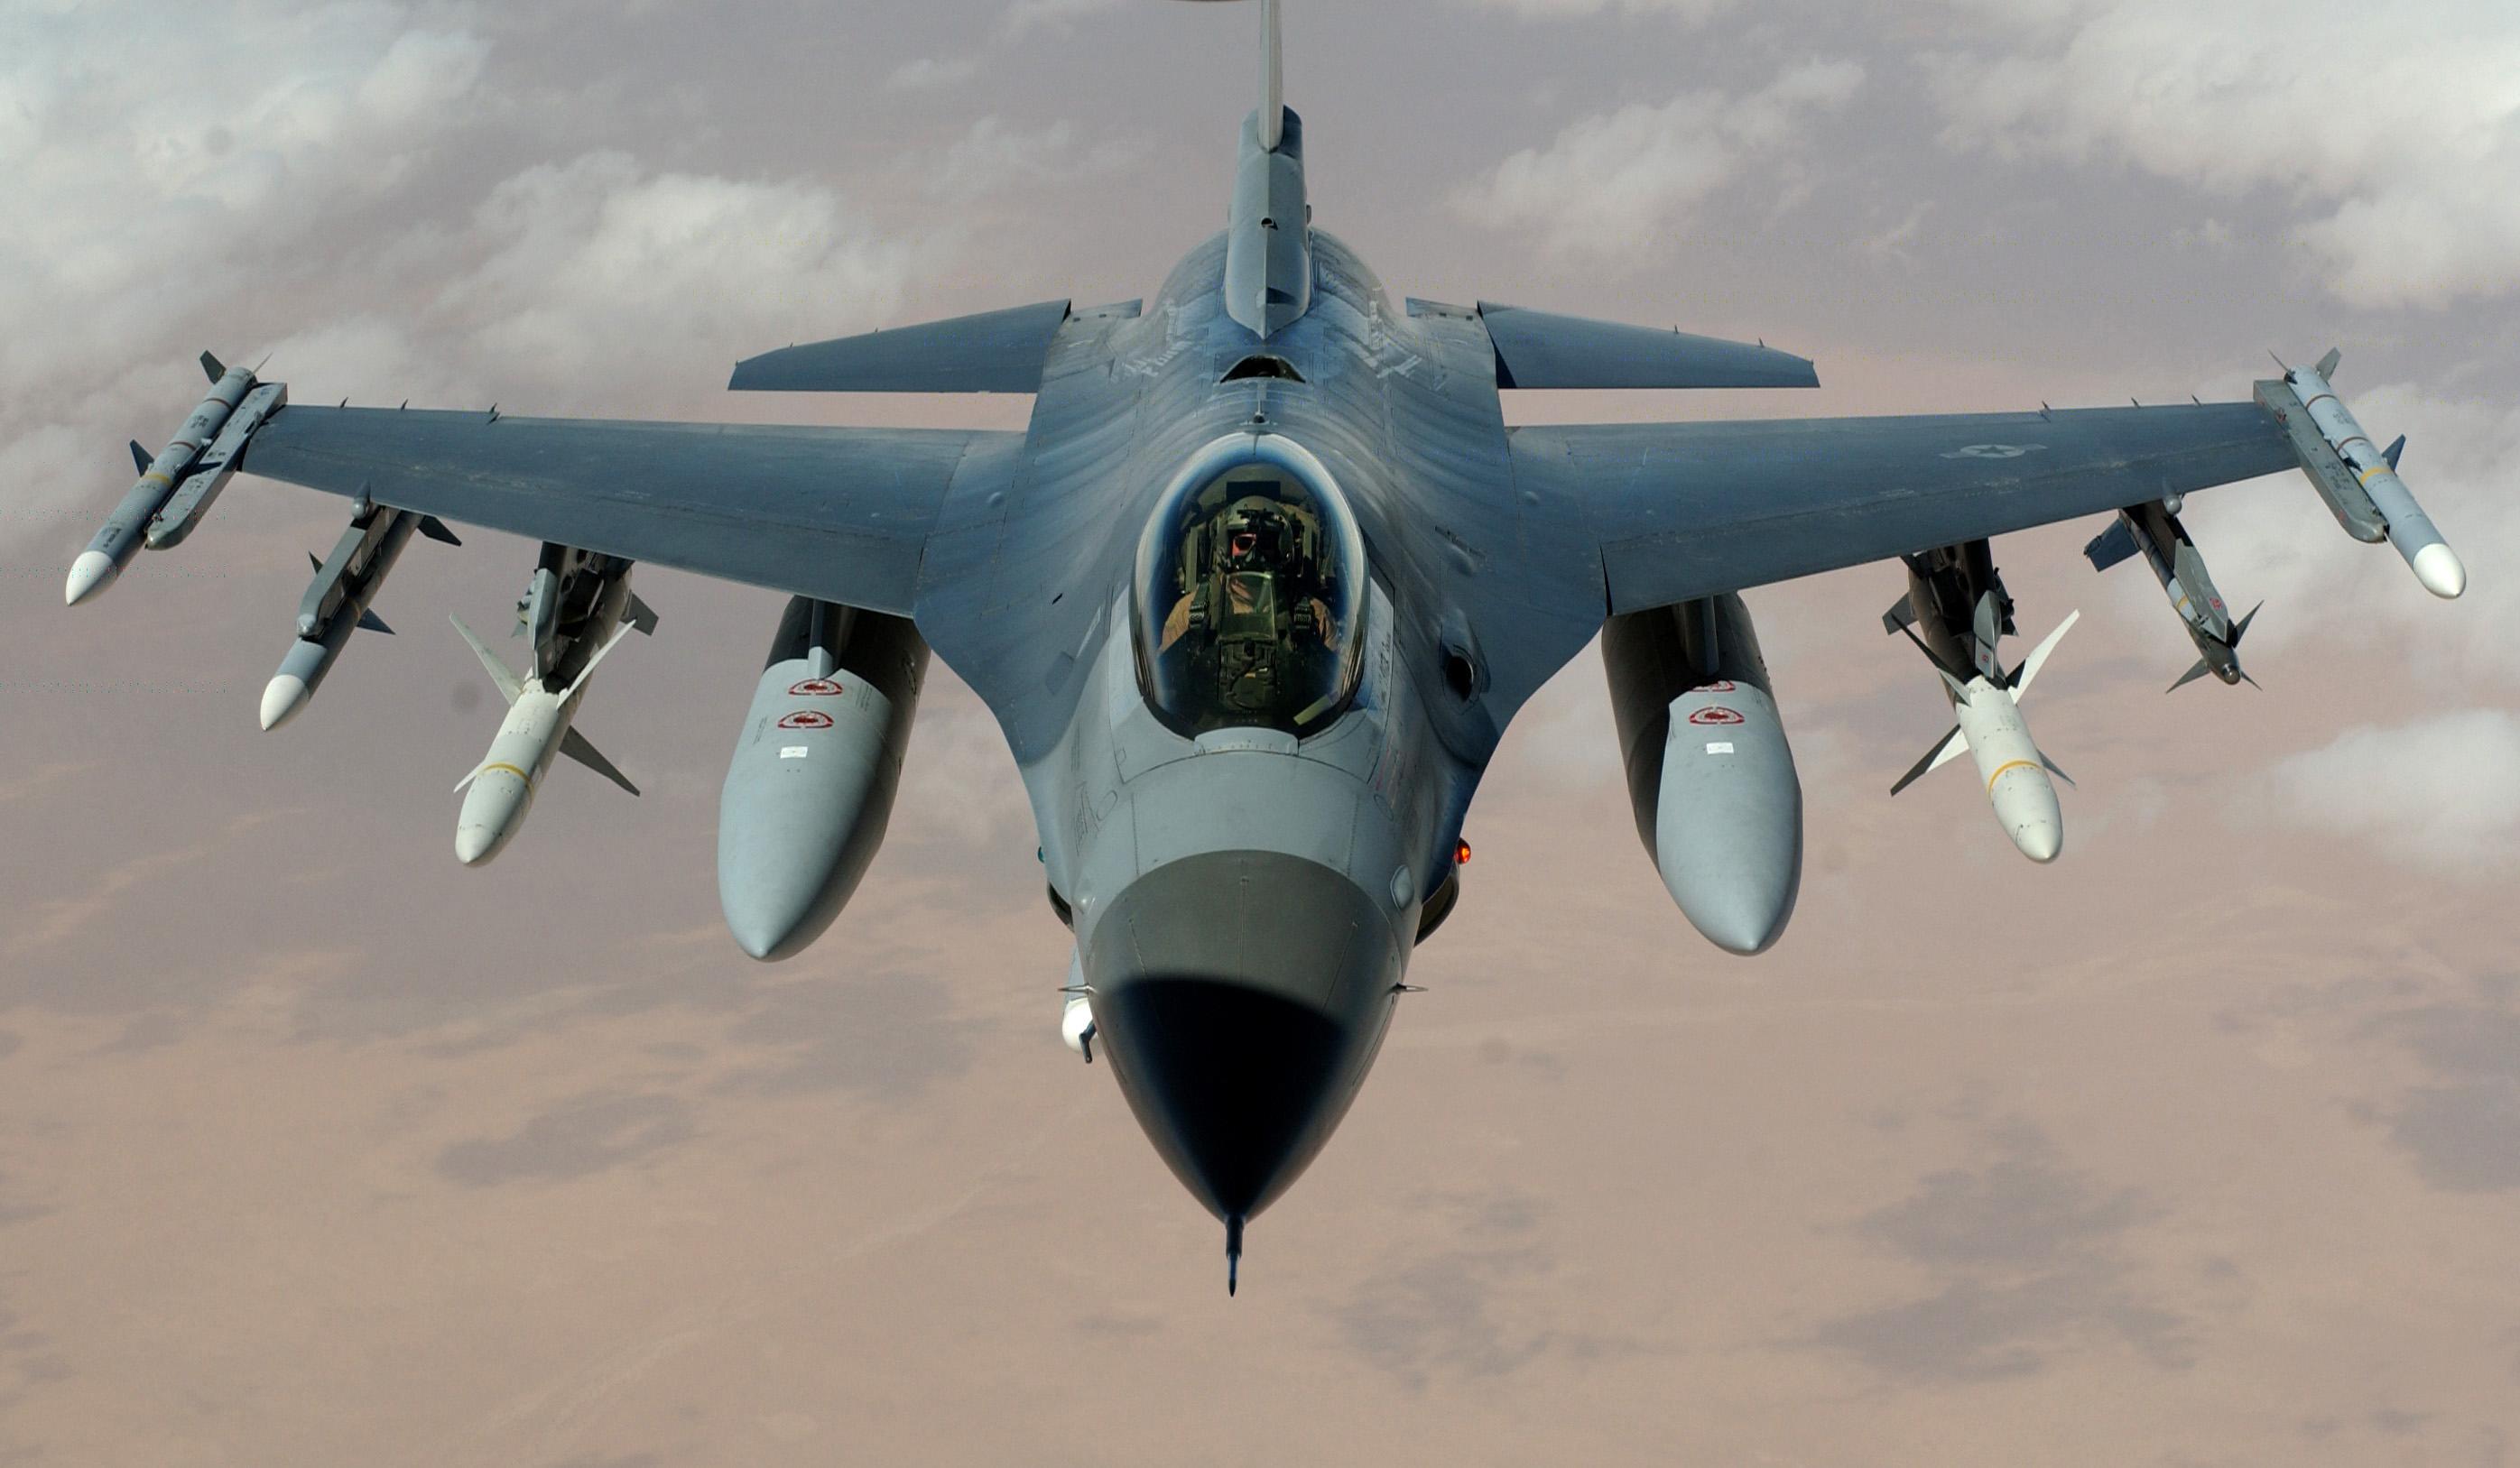 Дания впервые осуществила бомбардировку позиций террористов ИГИЛ в Сирии